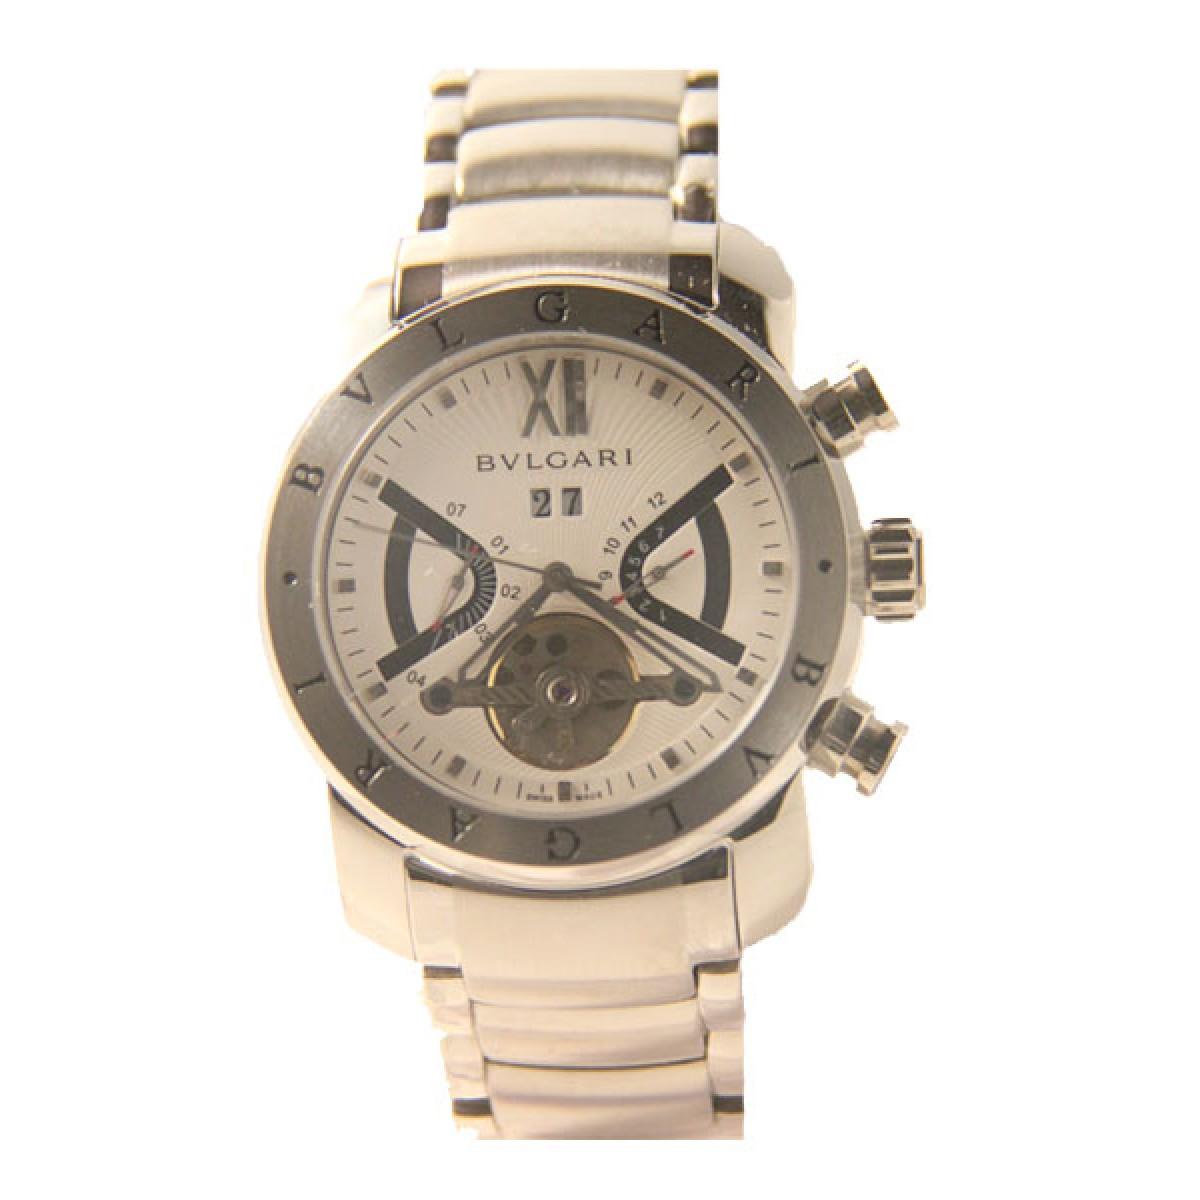 6ec246290d8 Relógio Réplica Bulgari Homem de Ferro Automatico White